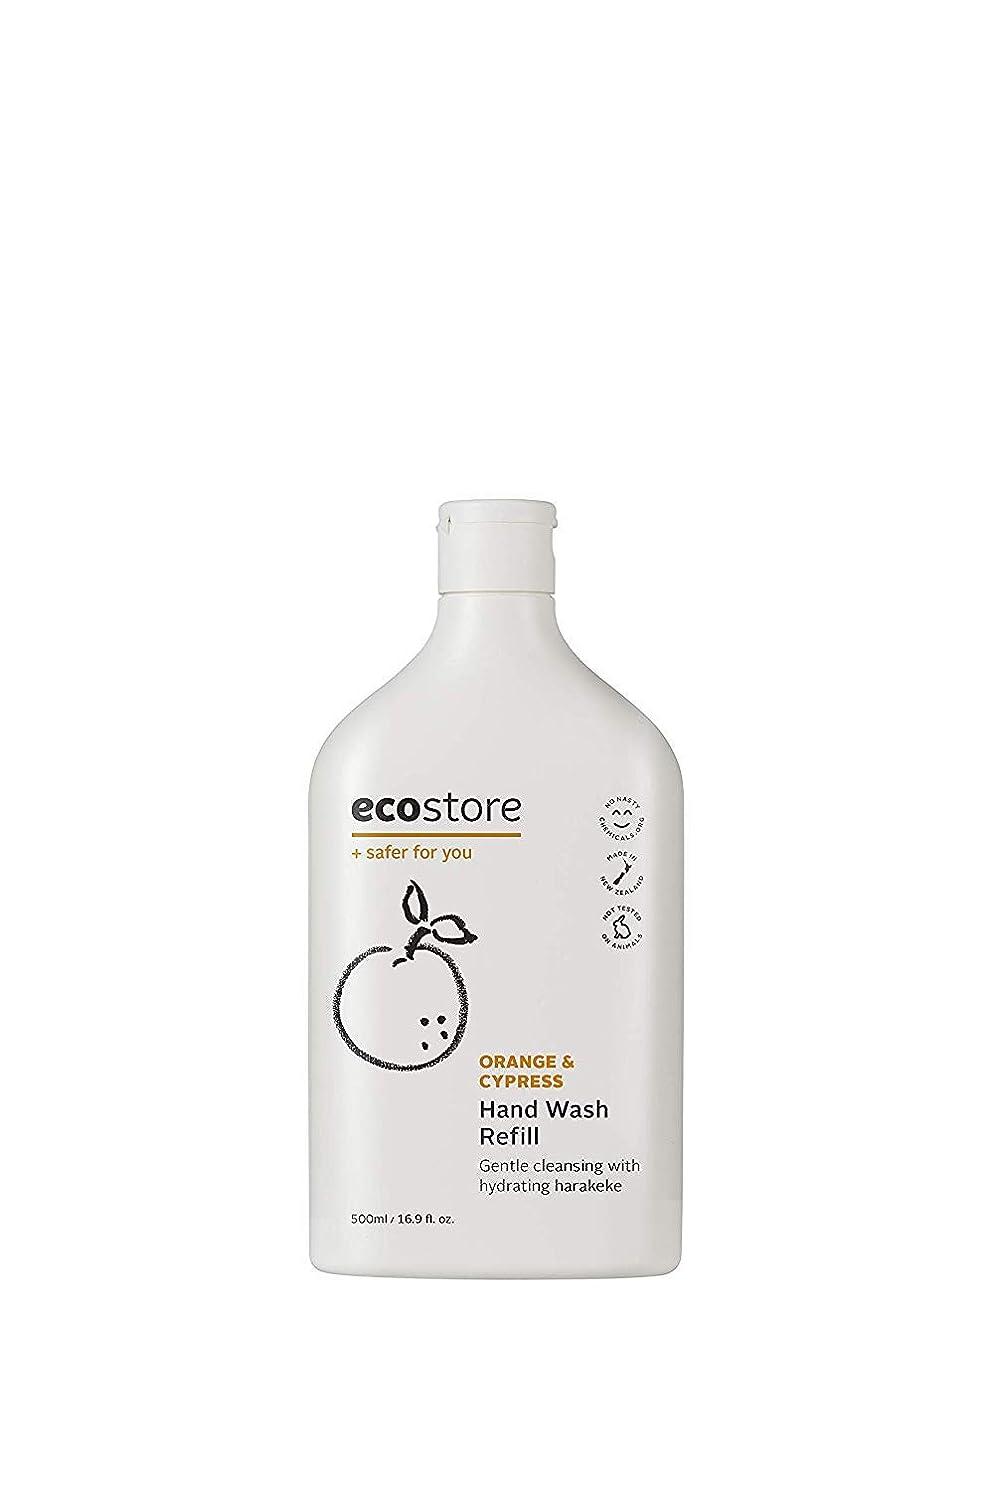 ecostore(エコストア) ハンドウォッシュ 【オレンジ&サイプレス】 500mL 詰め替え用 液体タイプ